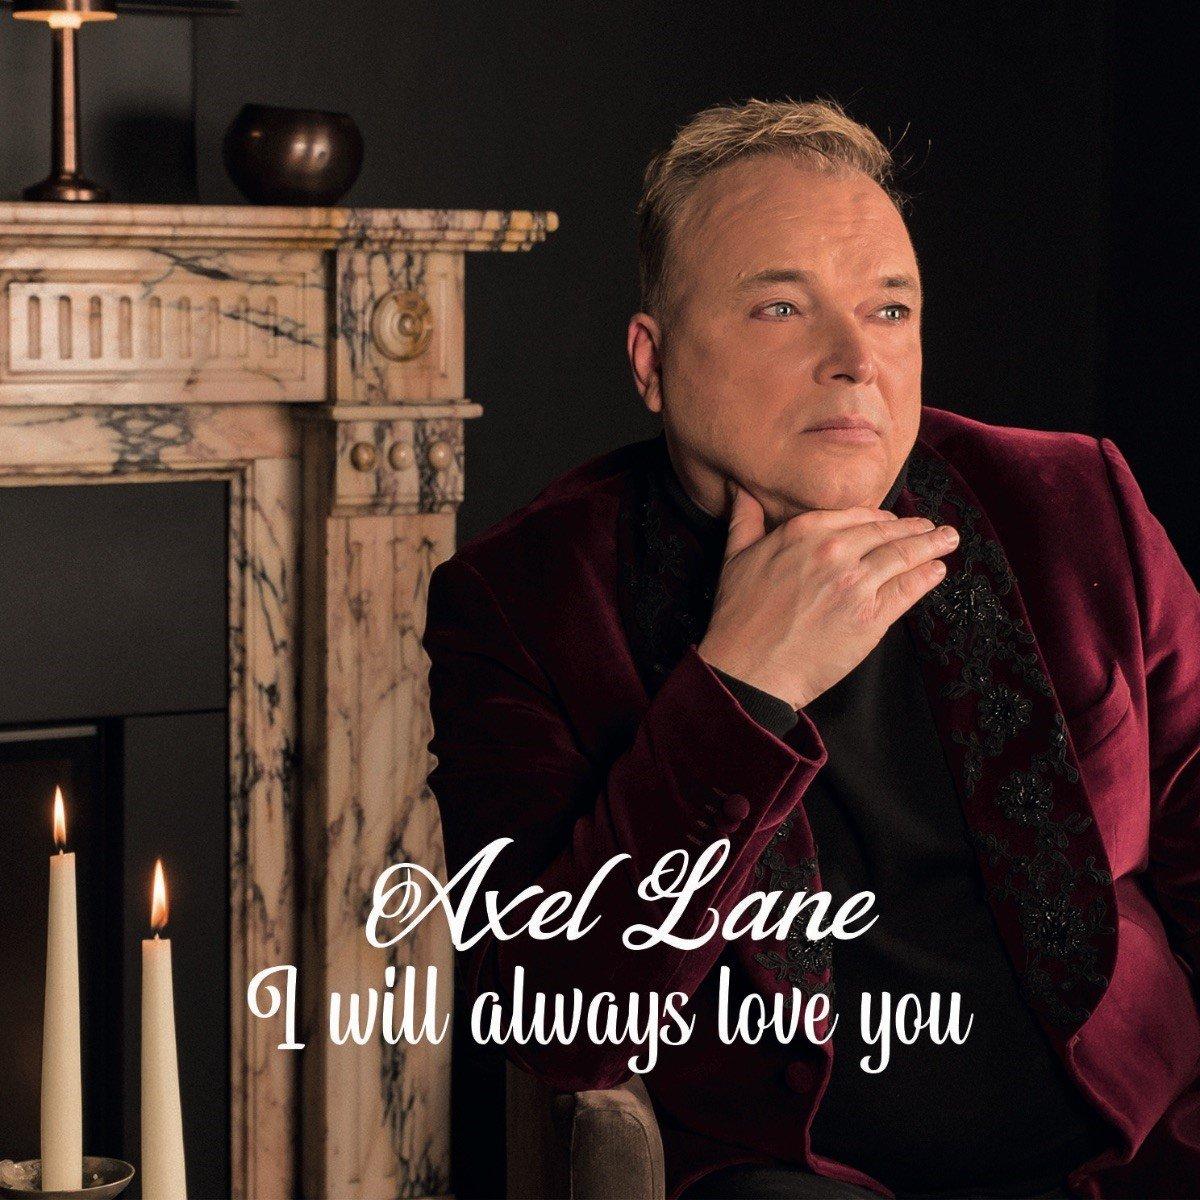 Axel Lane pakt uit met originele versie van 'I Will Always Love You' - Axel Lane 1